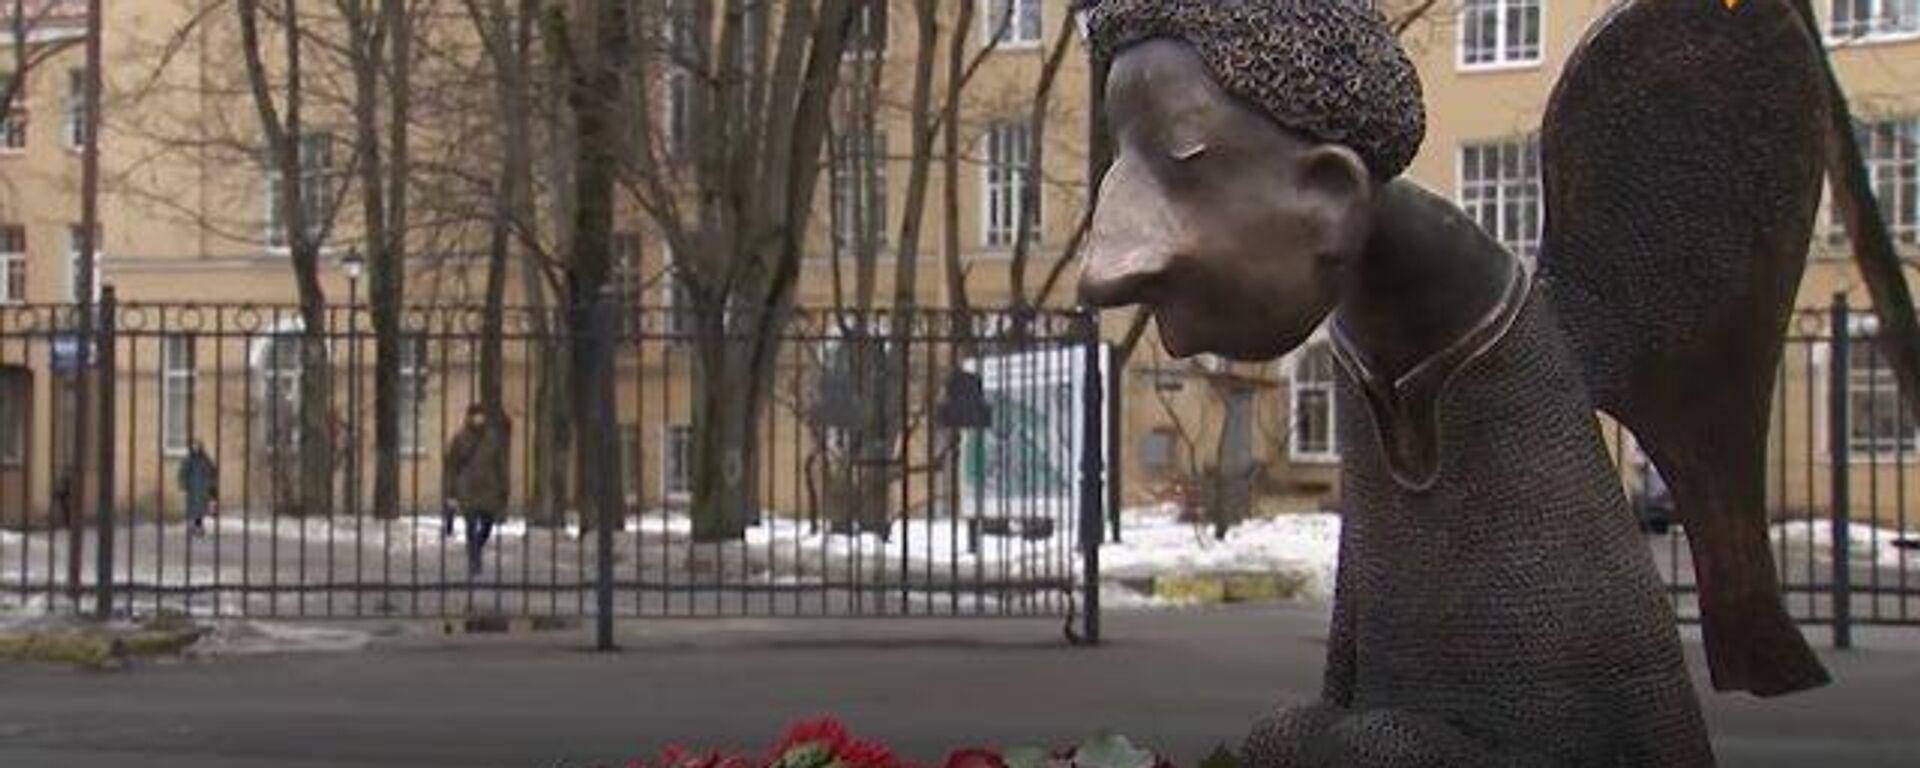 Un 'ángel triste' se instaura en San Petersburgo en memoria de los médicos caídos por COVID-19 - Sputnik Mundo, 1920, 04.03.2021